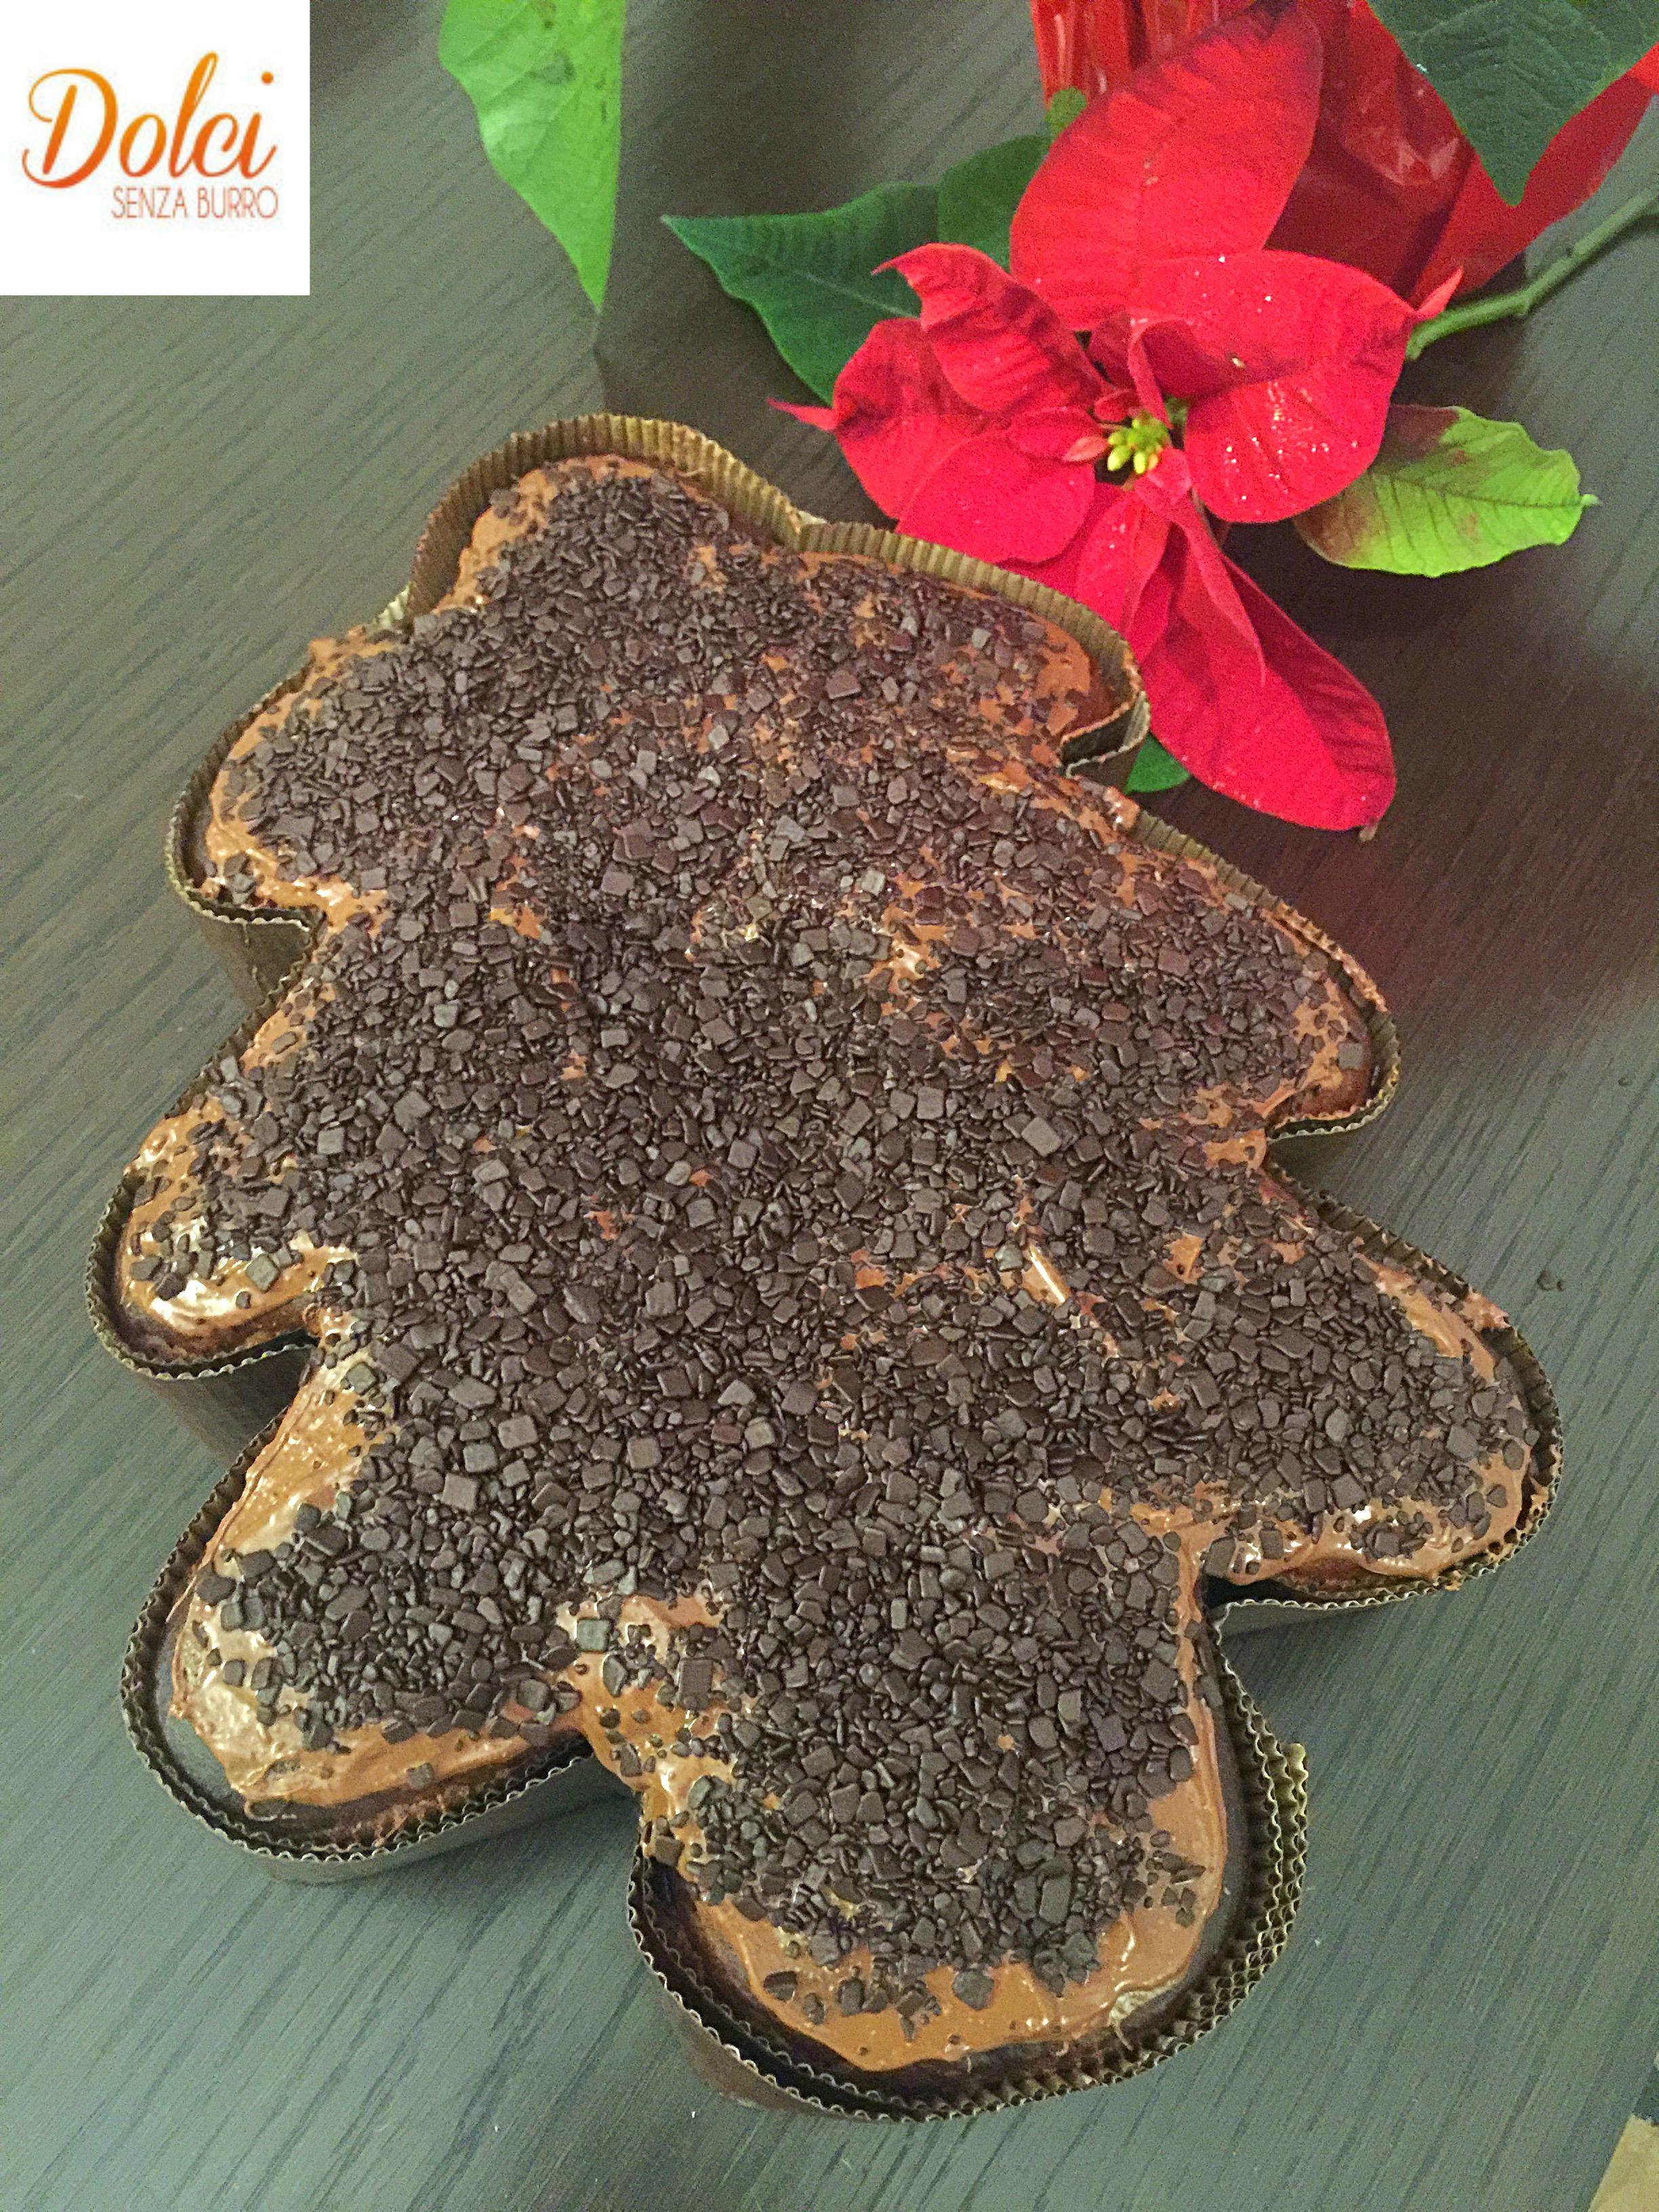 Pandoro al Cioccolato Senza Burro, il dolce di Natale goloso e sfizioso di dolci senza burro